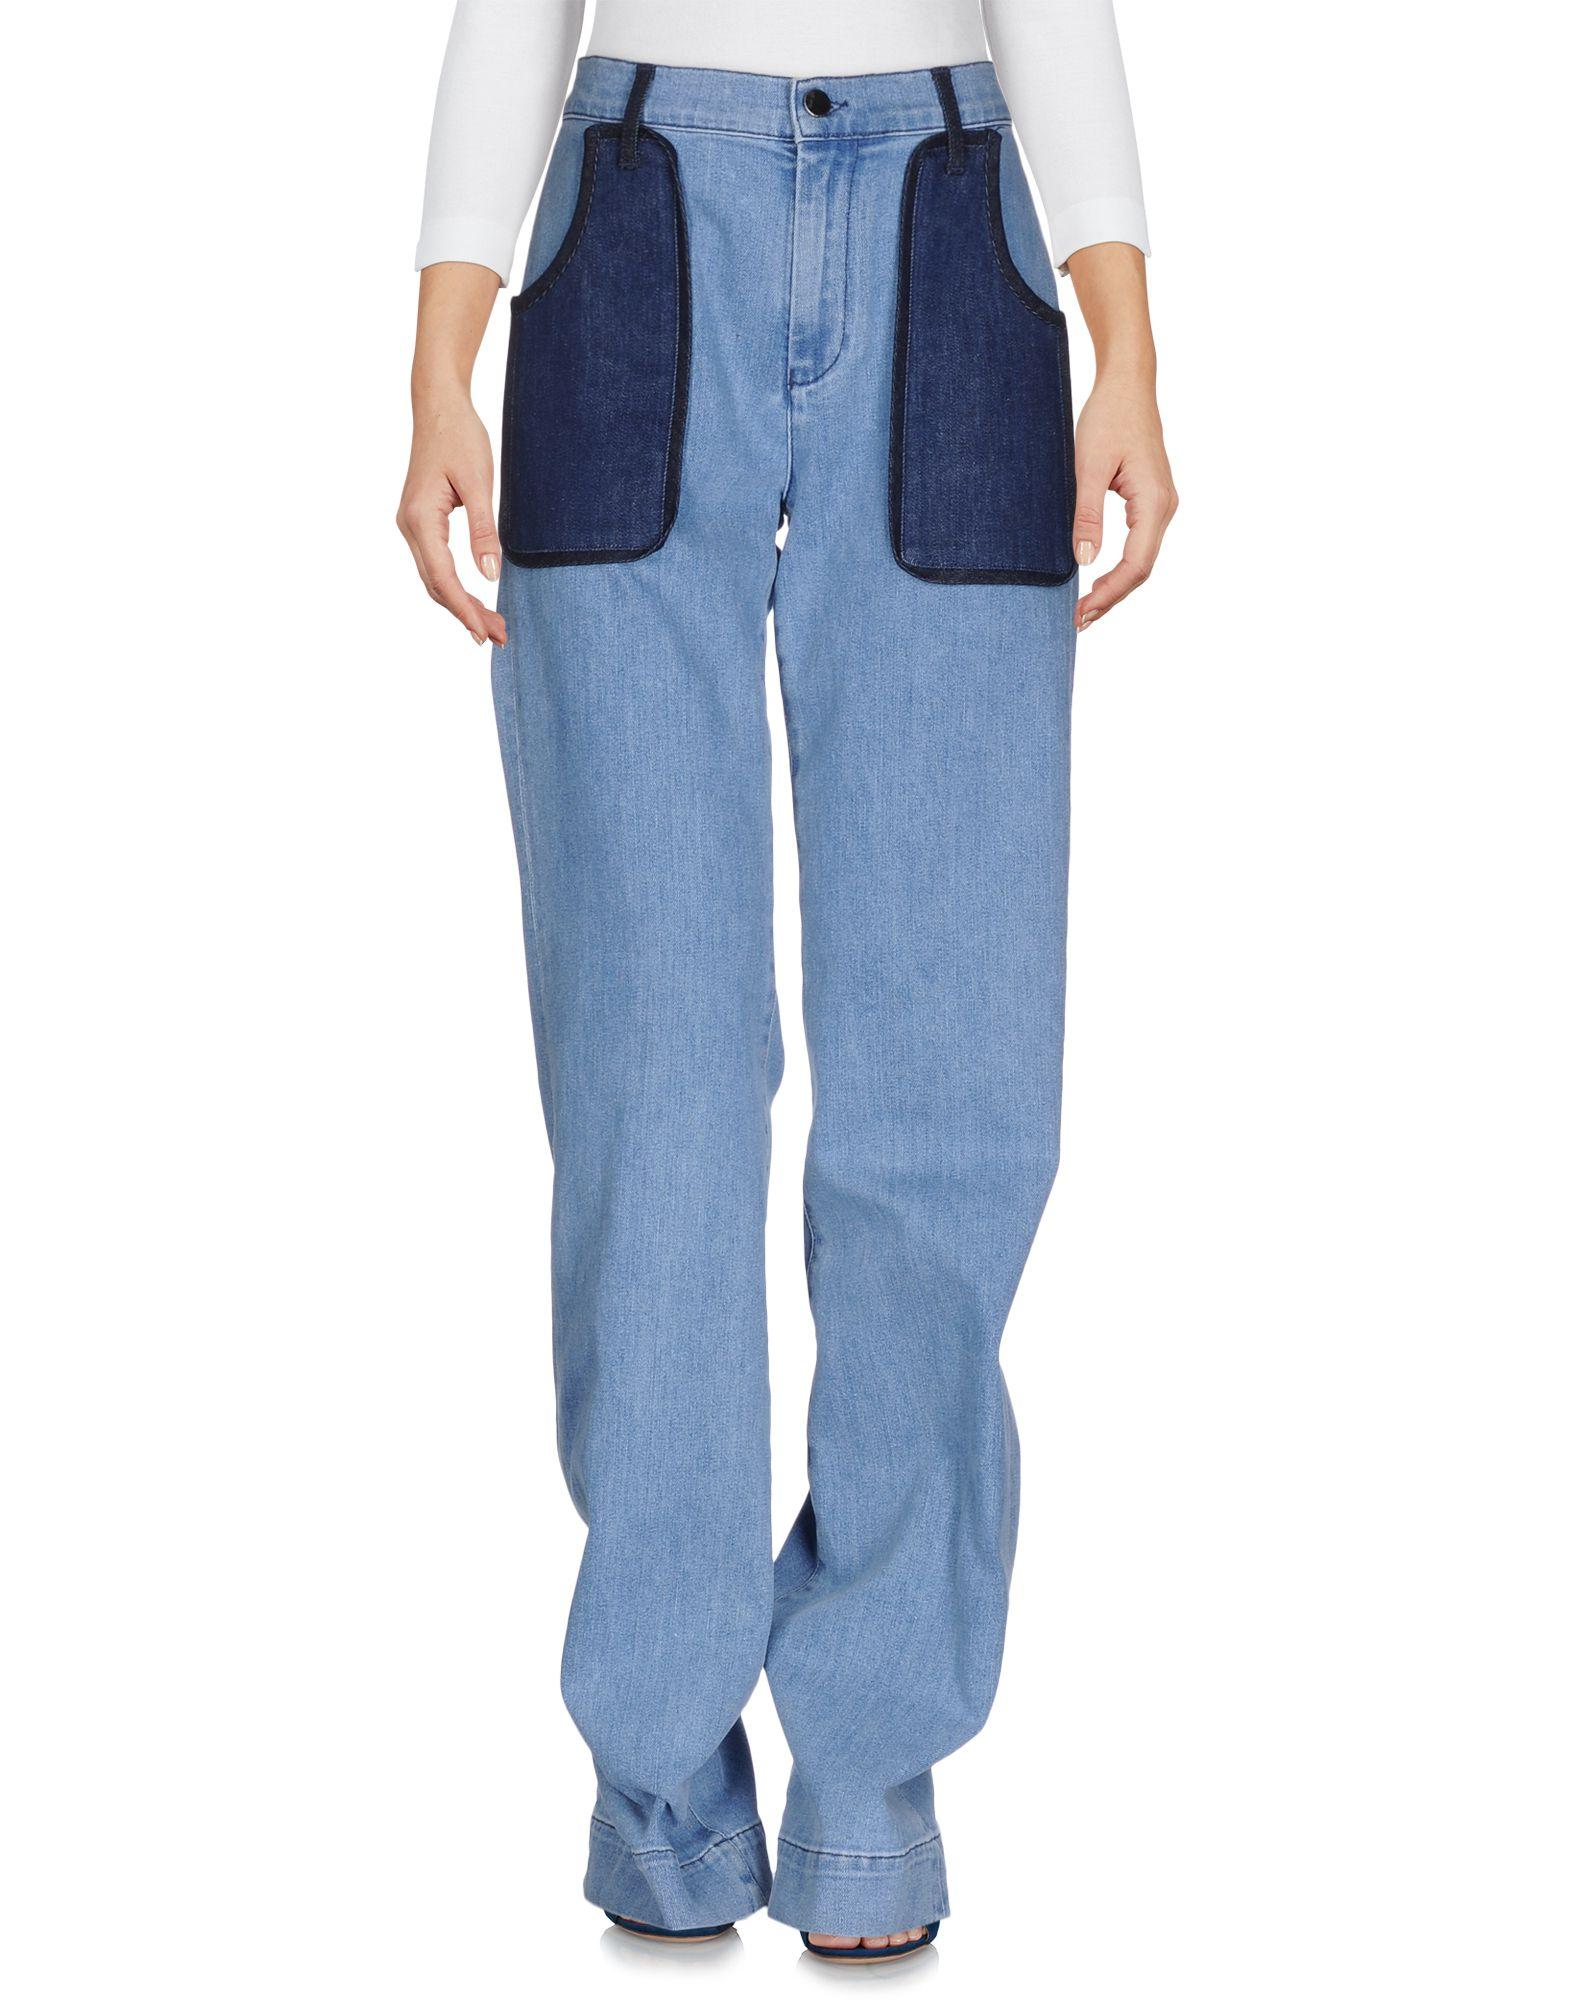 victoria beckham укороченные джинсы VICTORIA, VICTORIA BECKHAM Джинсовые брюки